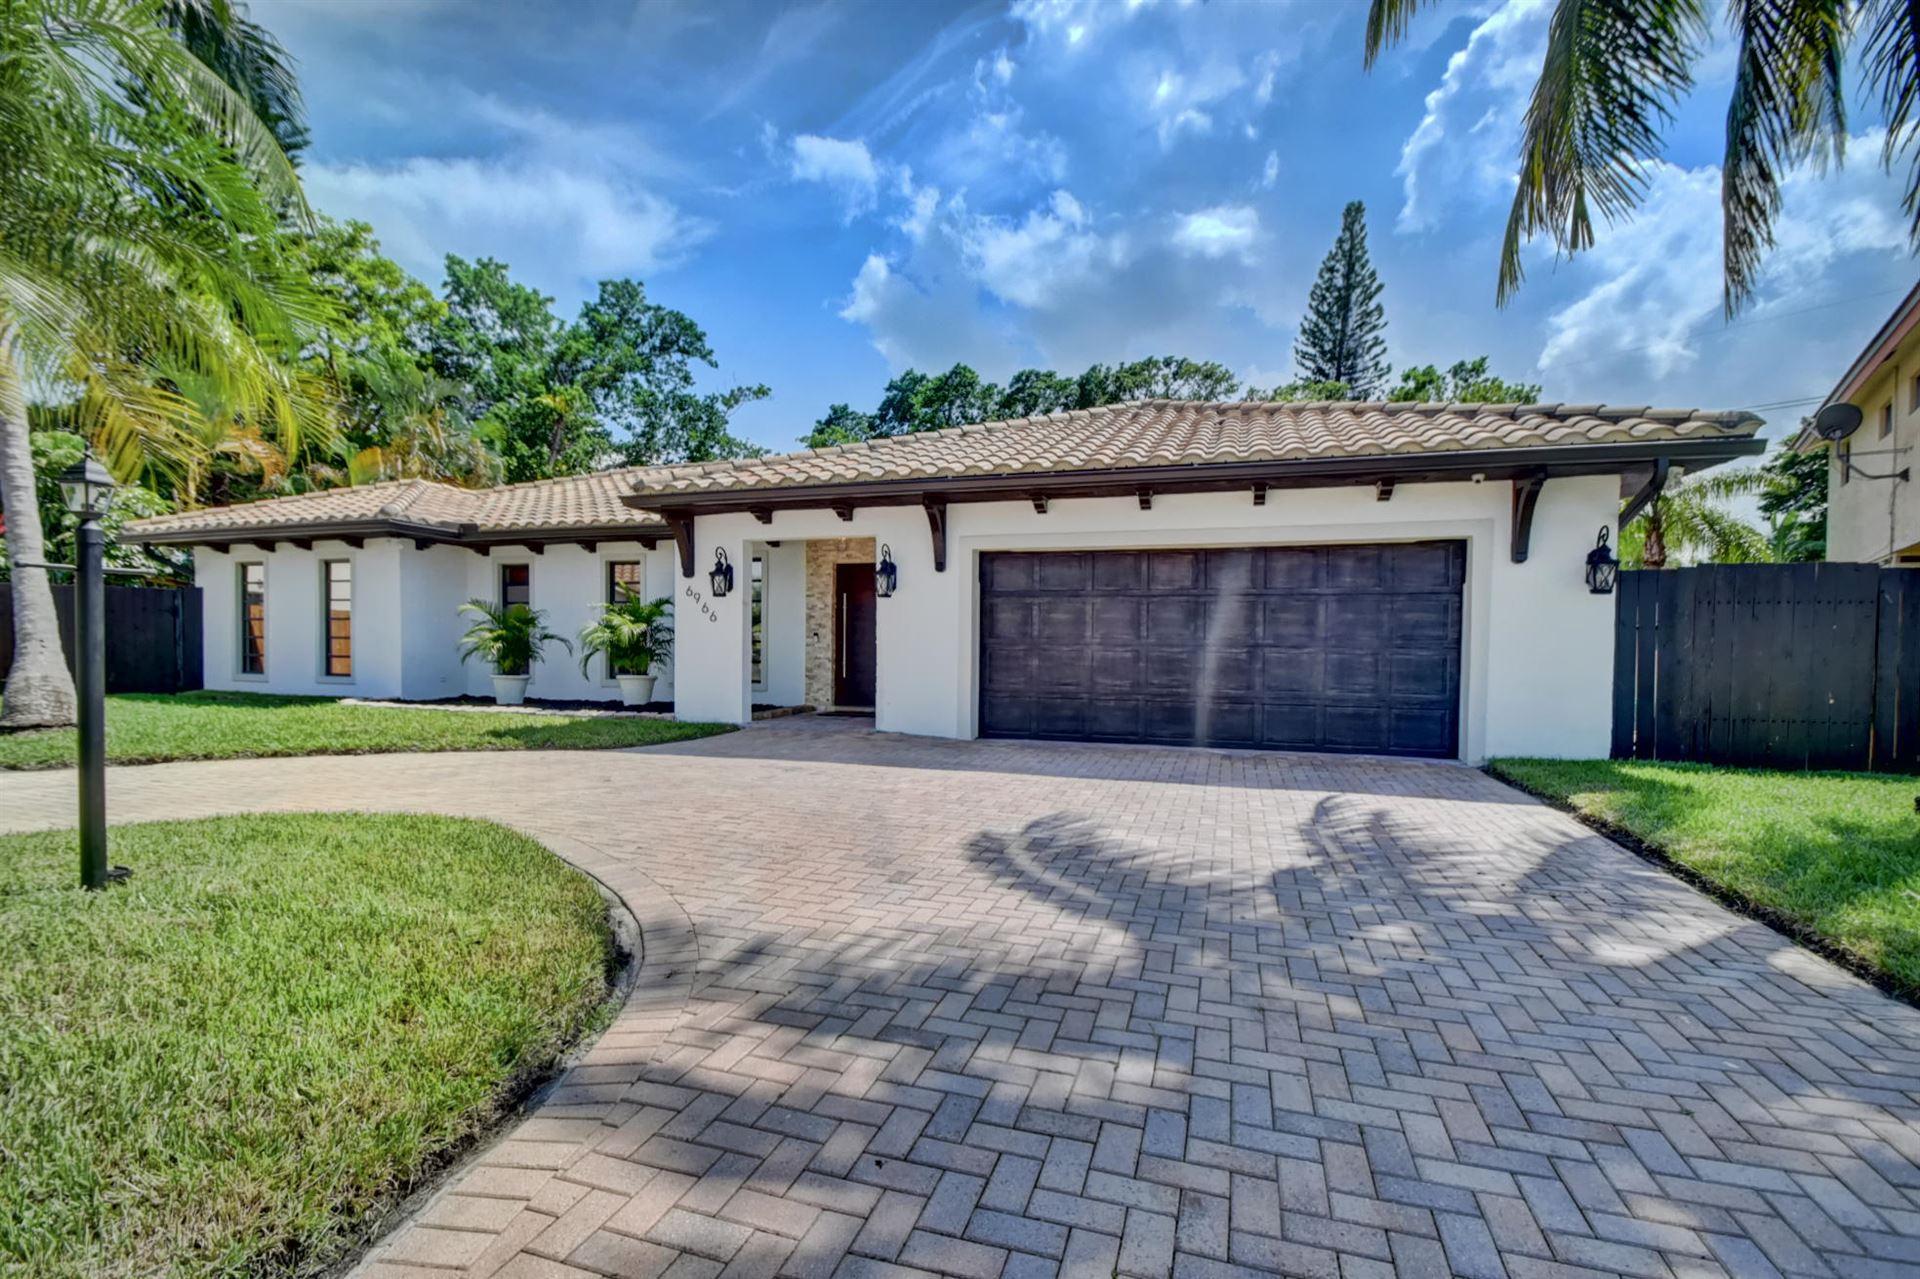 6966 S Calle Del Paz S, Boca Raton, FL 33433 - #: RX-10637895